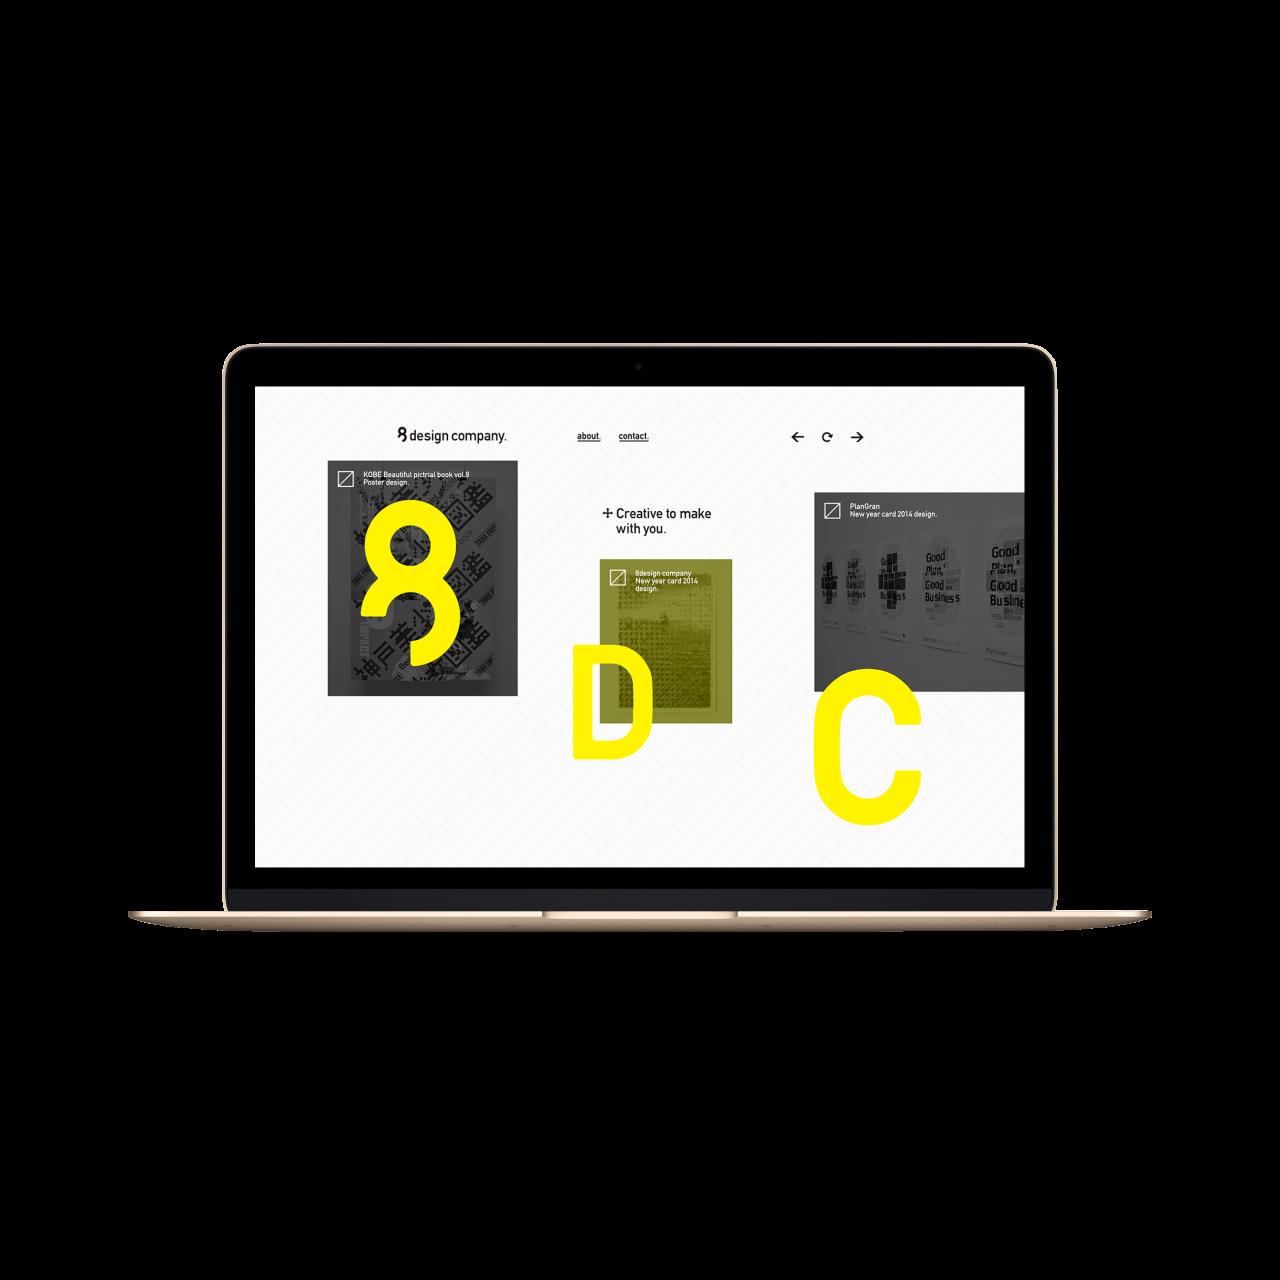 8ddcc.com